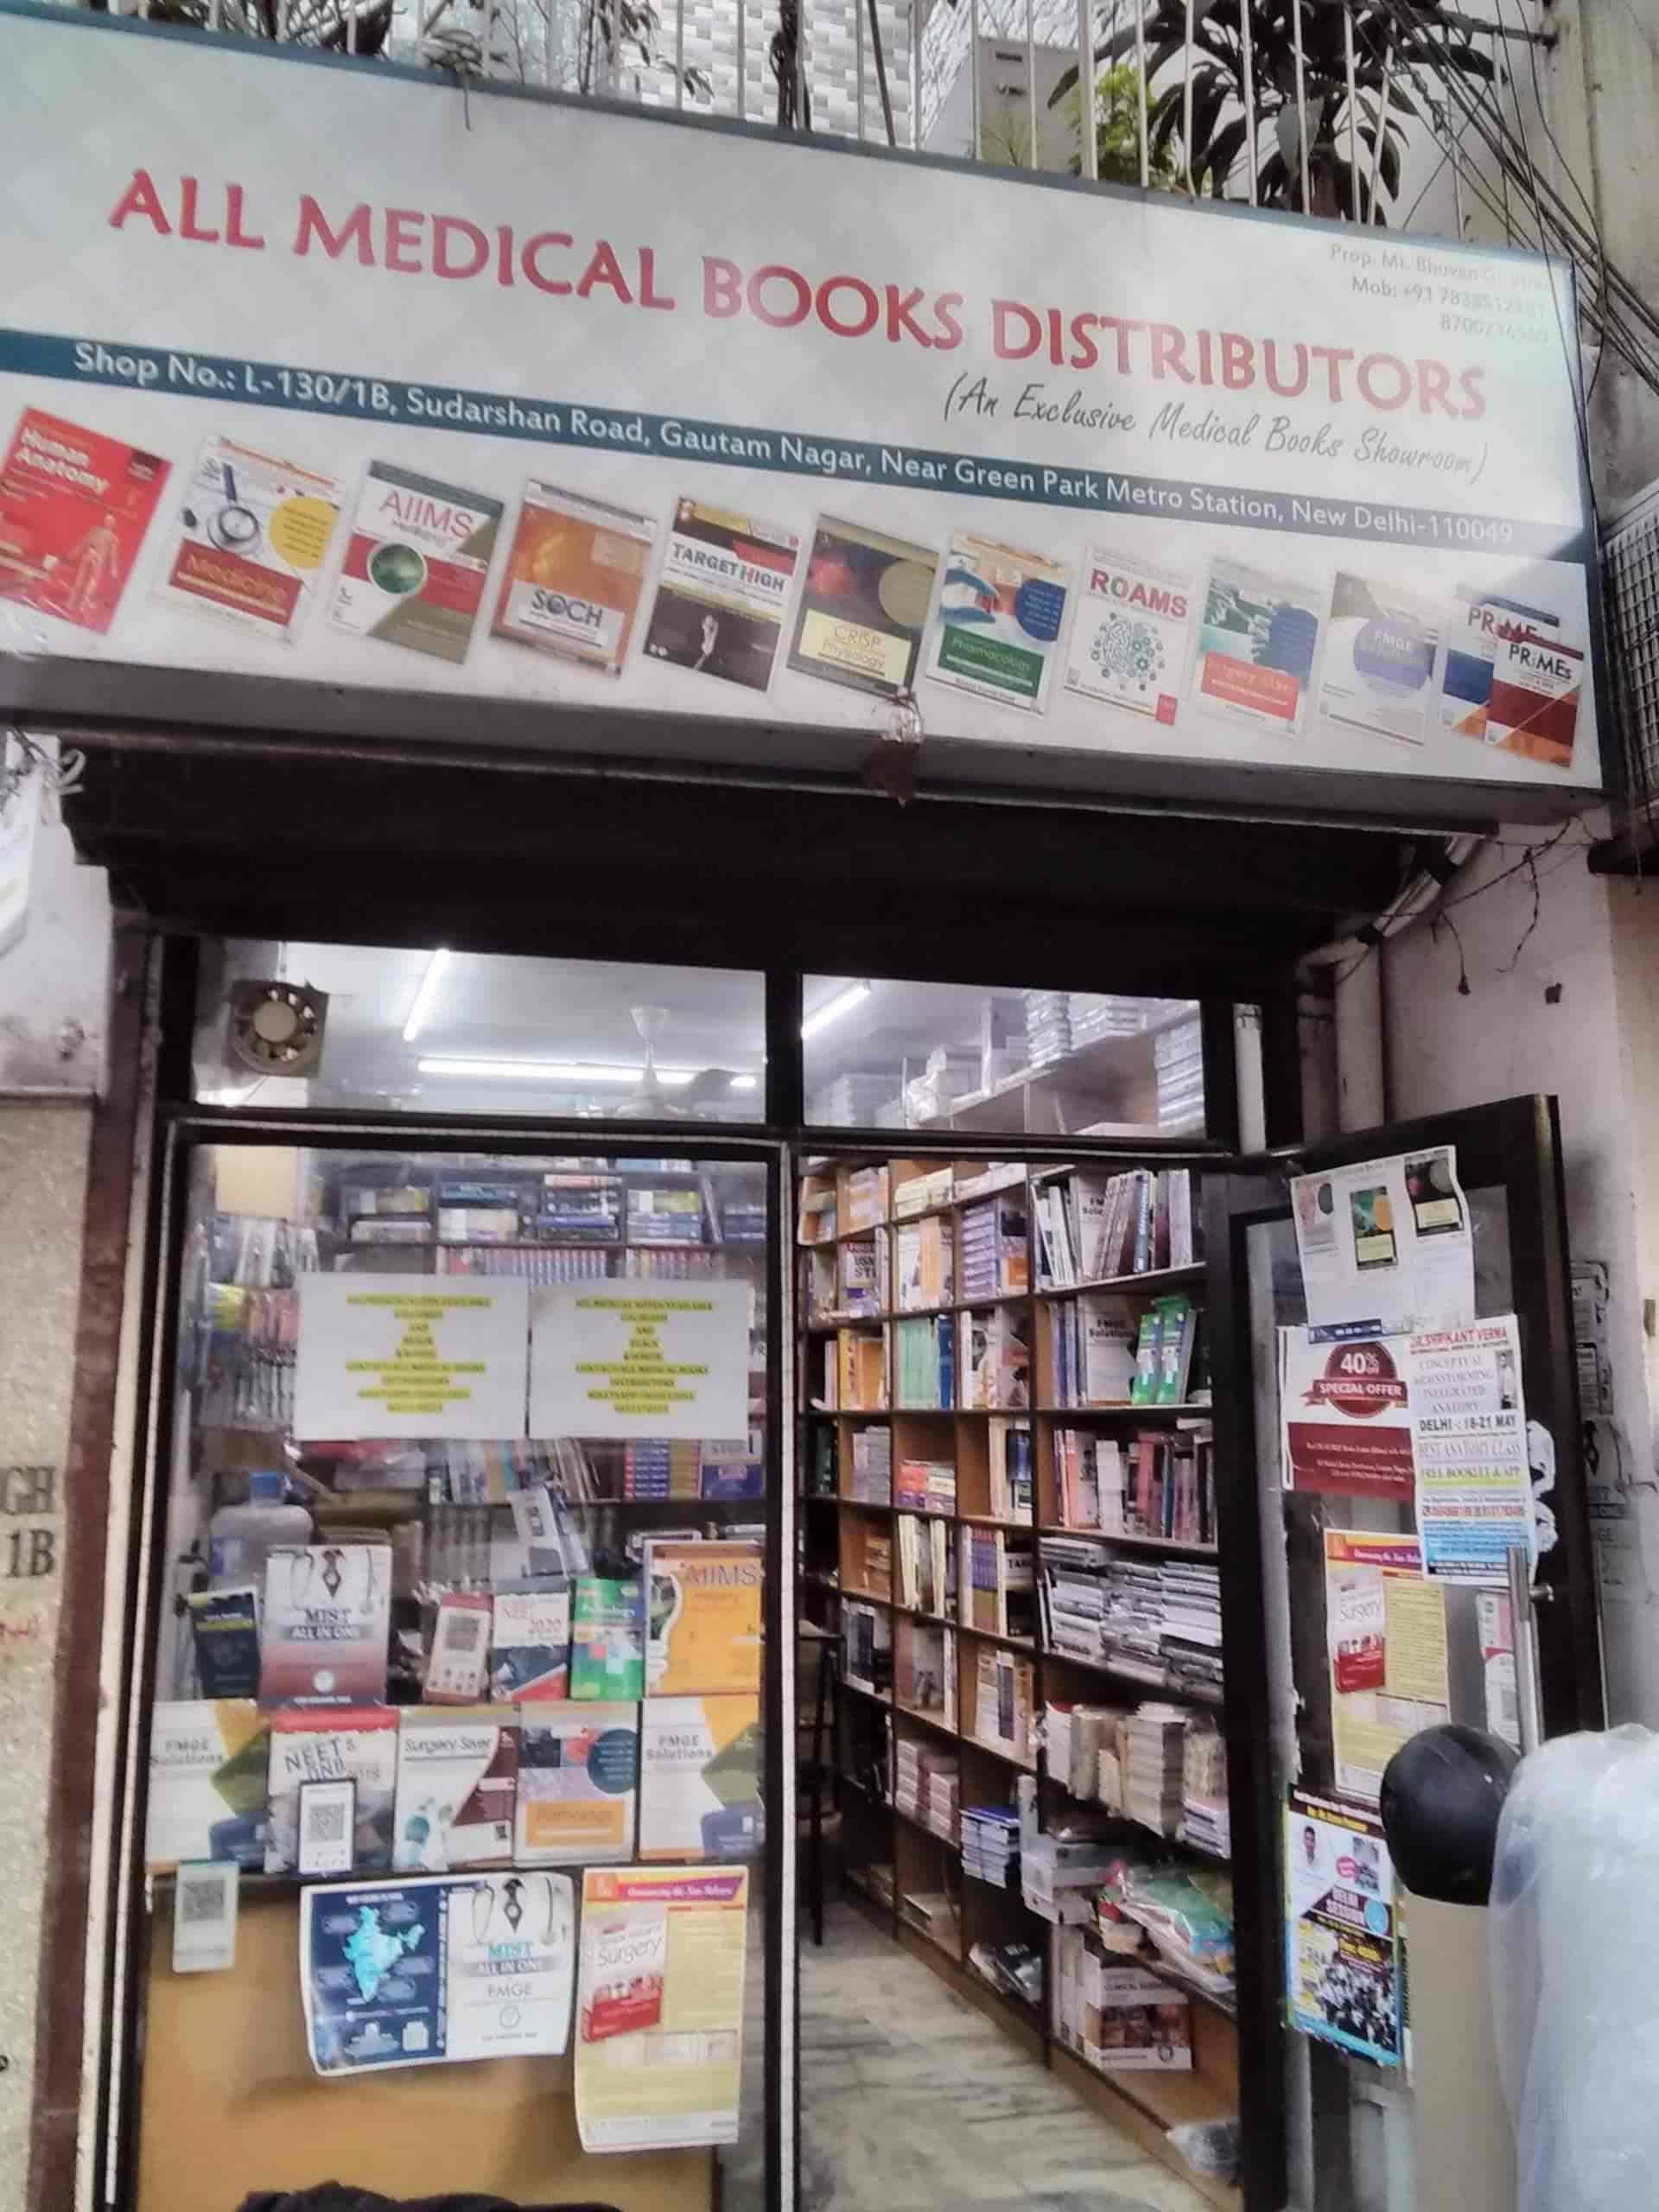 Top 20 Book Shops in Saket, Delhi   Best Book Stores   Justdial